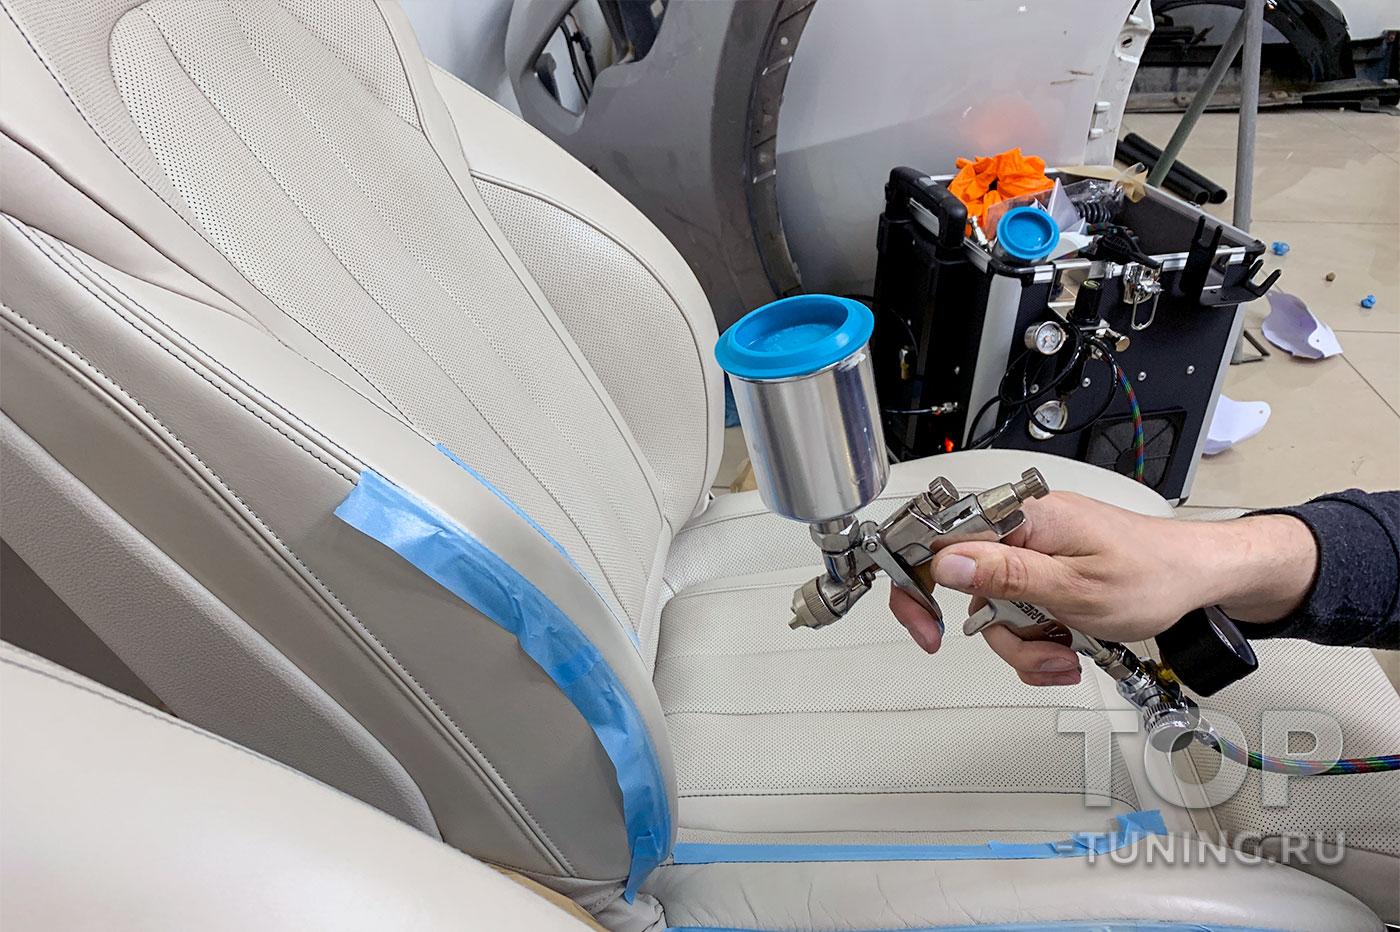 Реставрация кожи в салоне авто